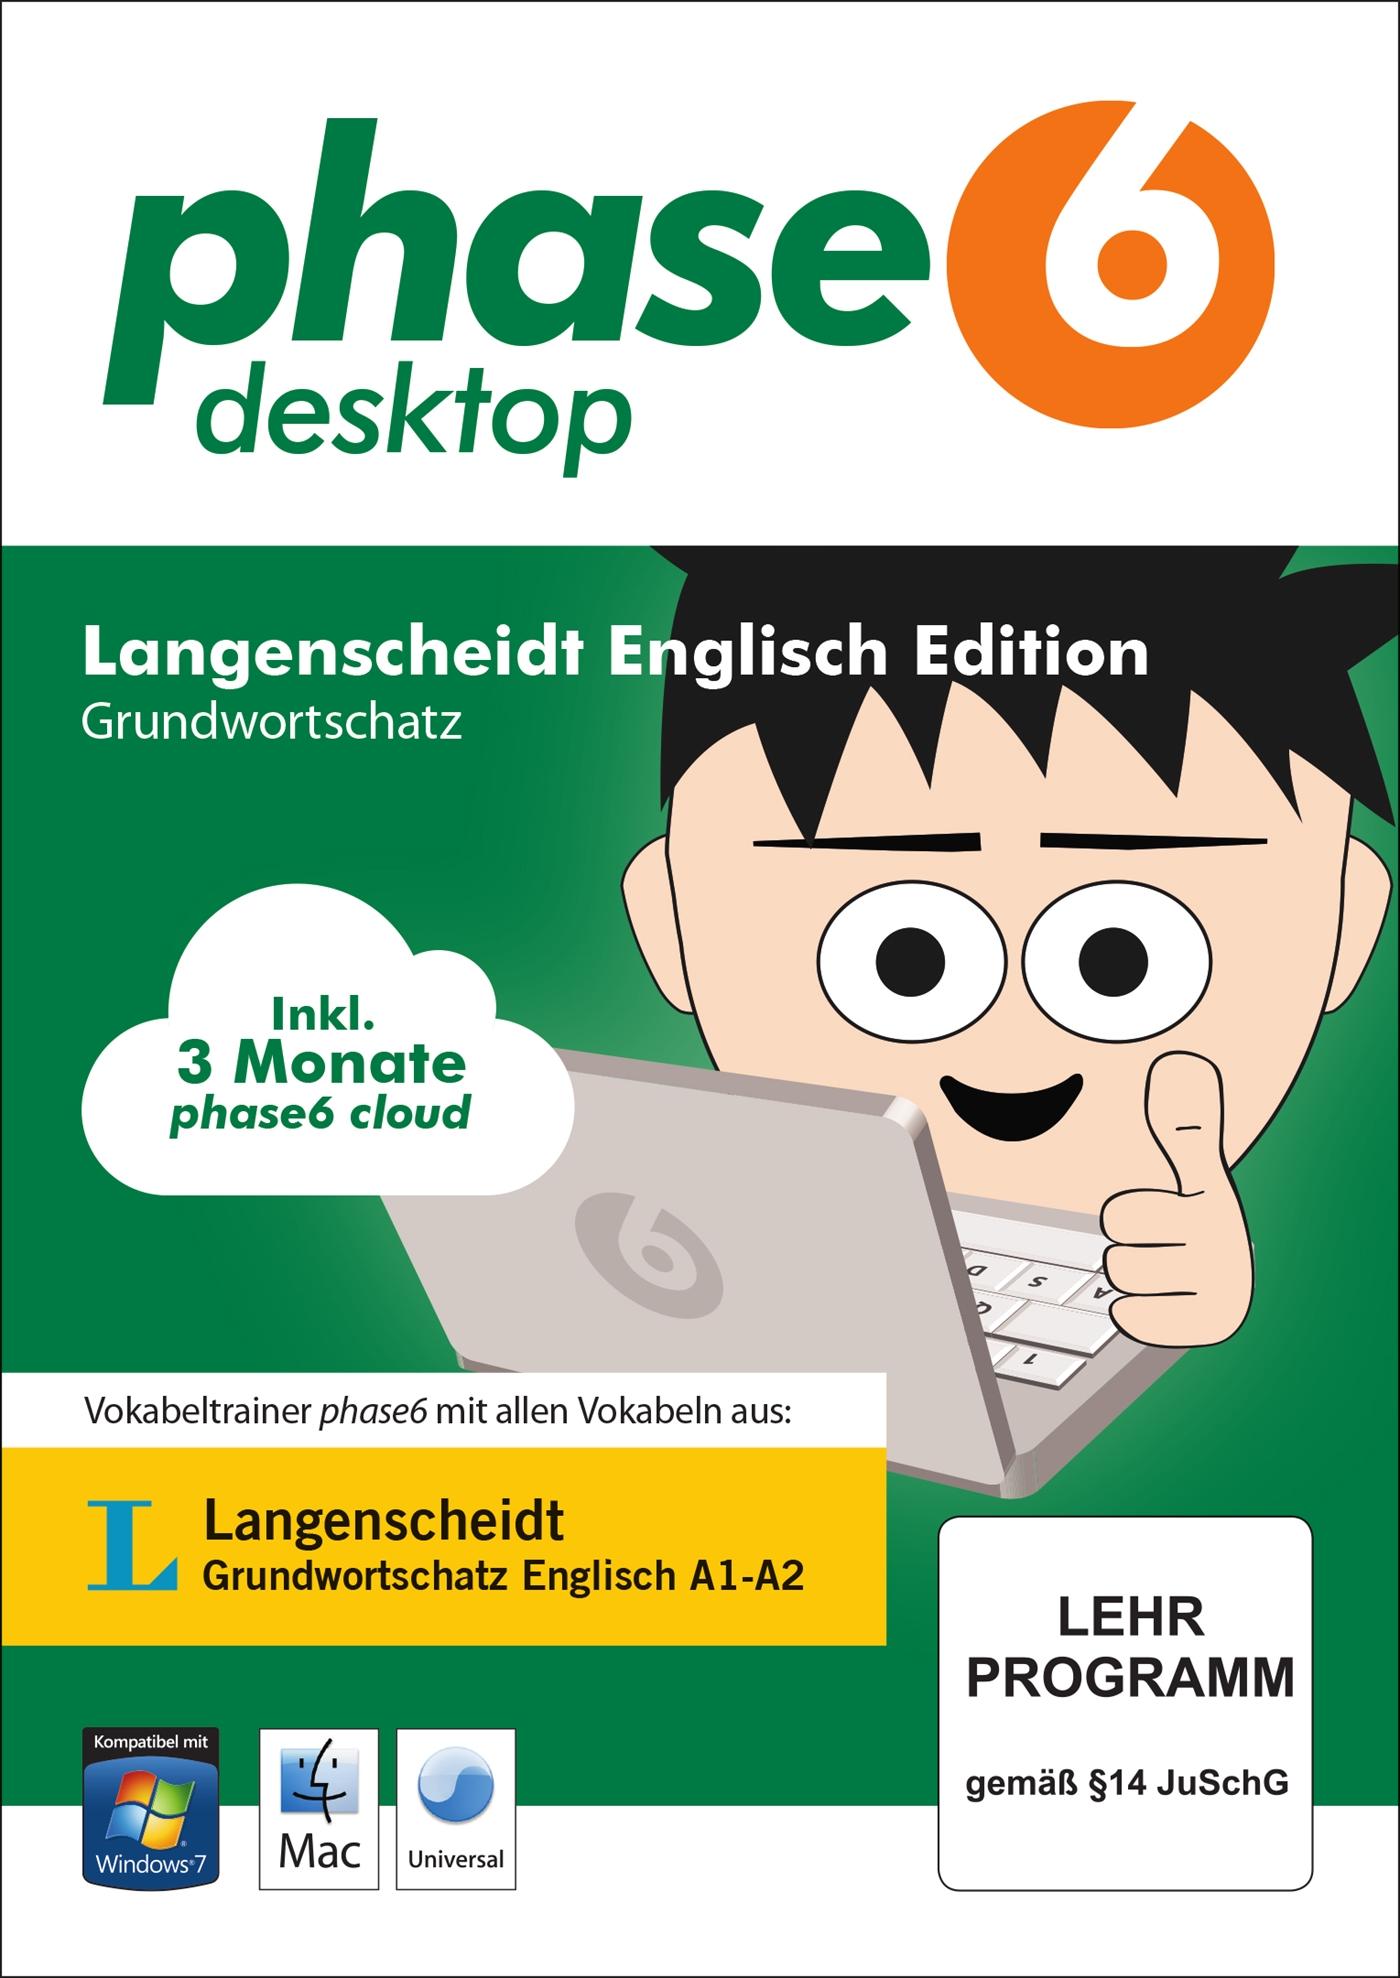 phase6 desktop - Langenscheidt Englisch Edition...